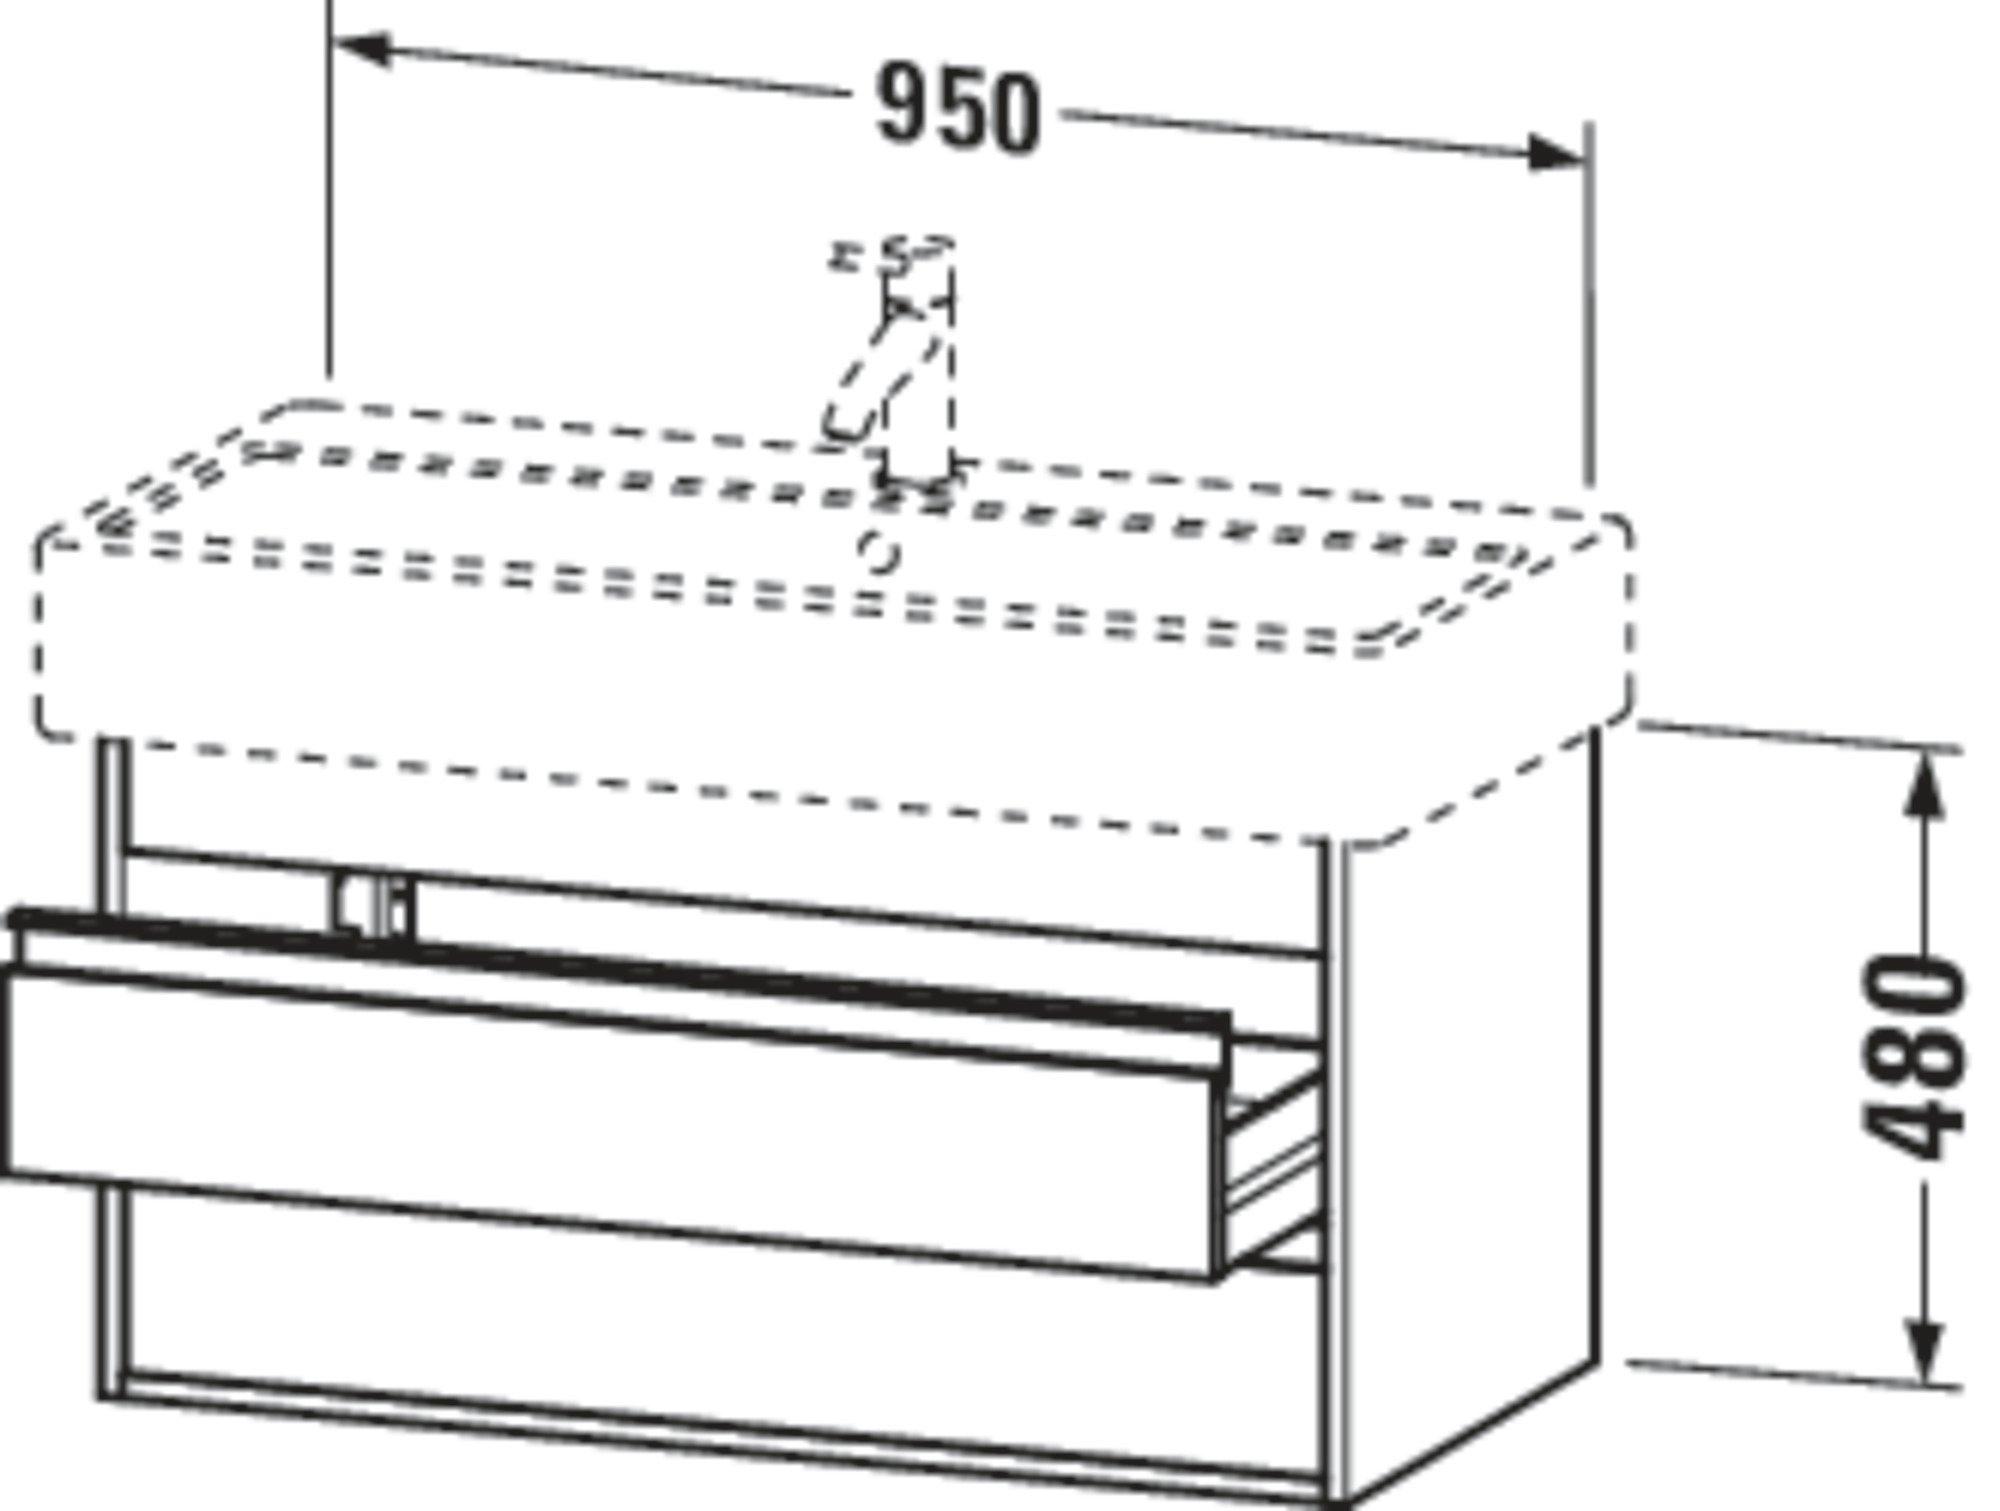 Duravit Ketho Badmöbel Set 950 mit Vero Waschtisch - Optional mit Seitenschrank und Spiegel  zoom thumbnail 3